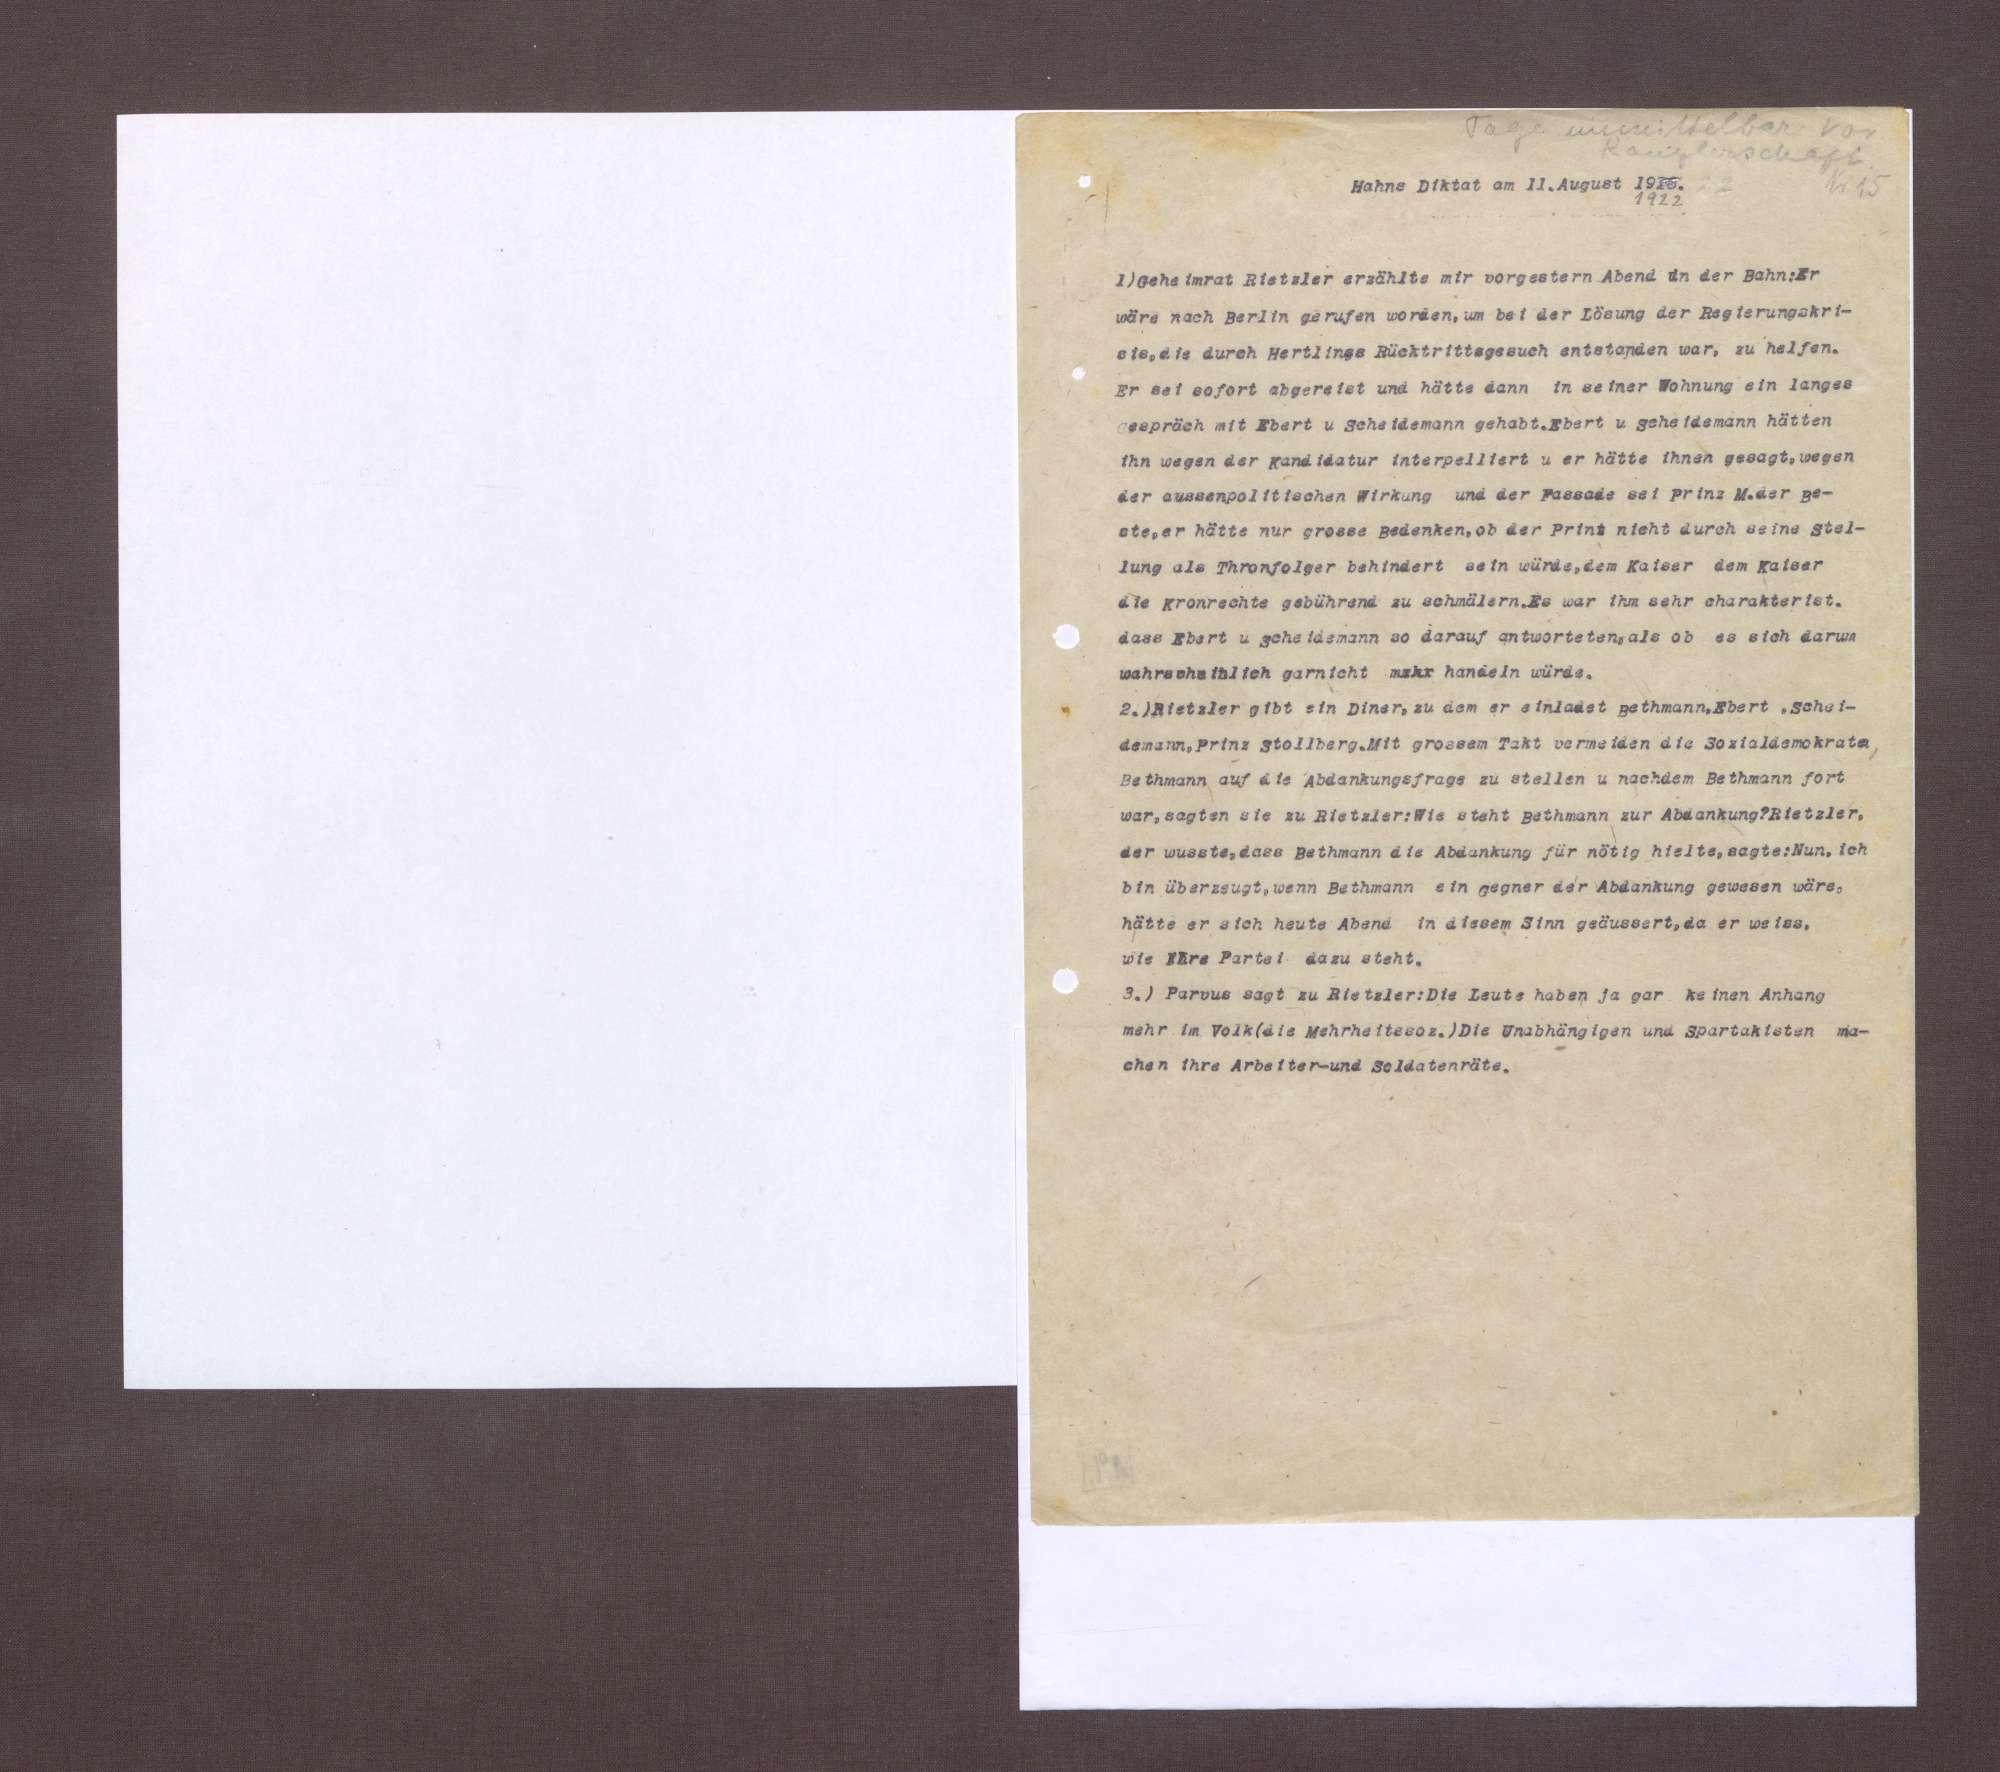 Notiz von Kurt Hahn zu einer Unterhaltung mit Riezler bzgl. eines Gespräches mit Friedrich Ebert und Philipp Scheidemann über eine Kanzlerschaft von Prinz Max von Baden, Bild 1